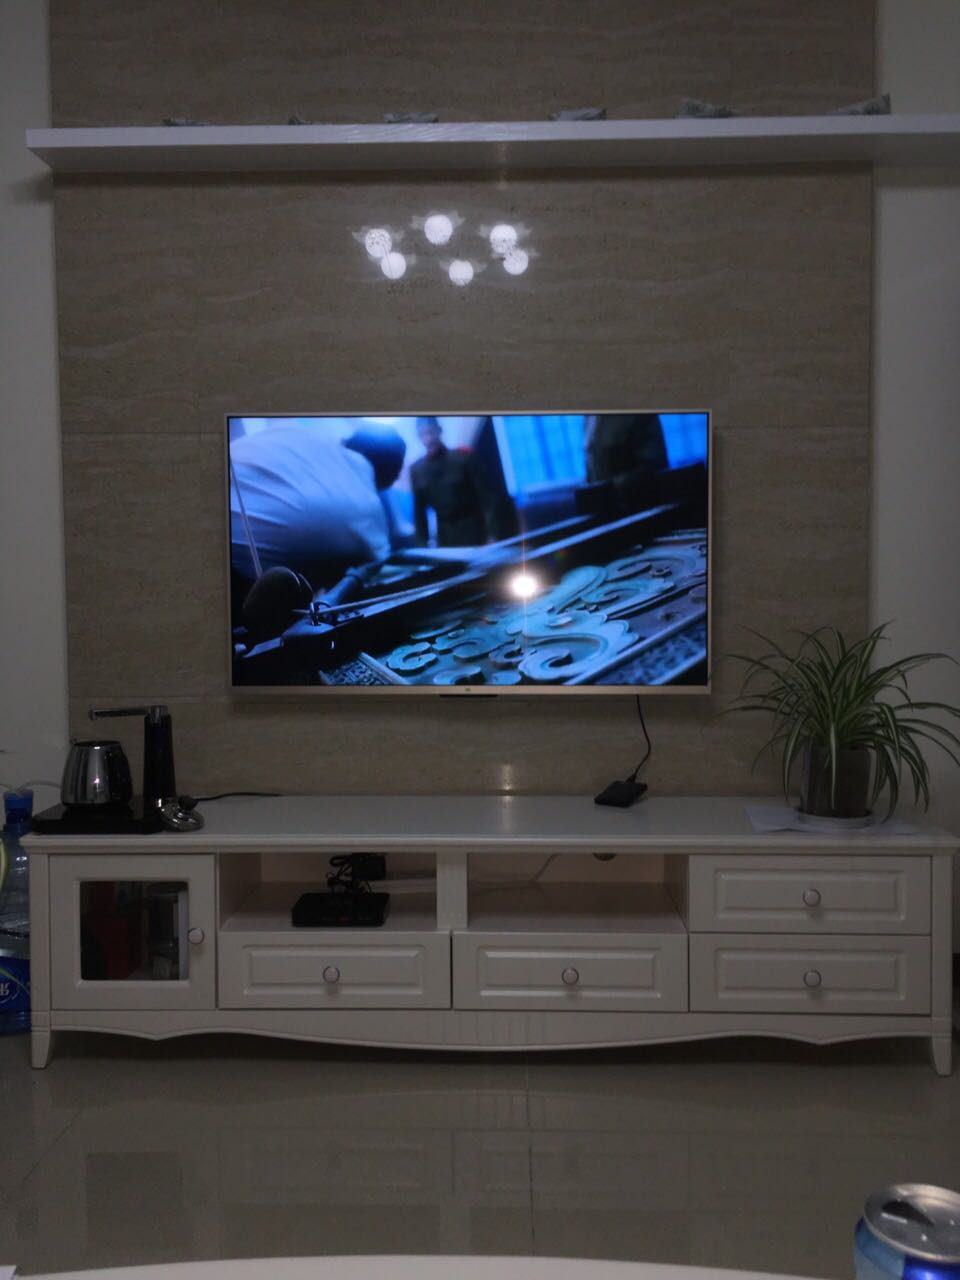 小米60寸液晶电视价格报价行情 - 京东